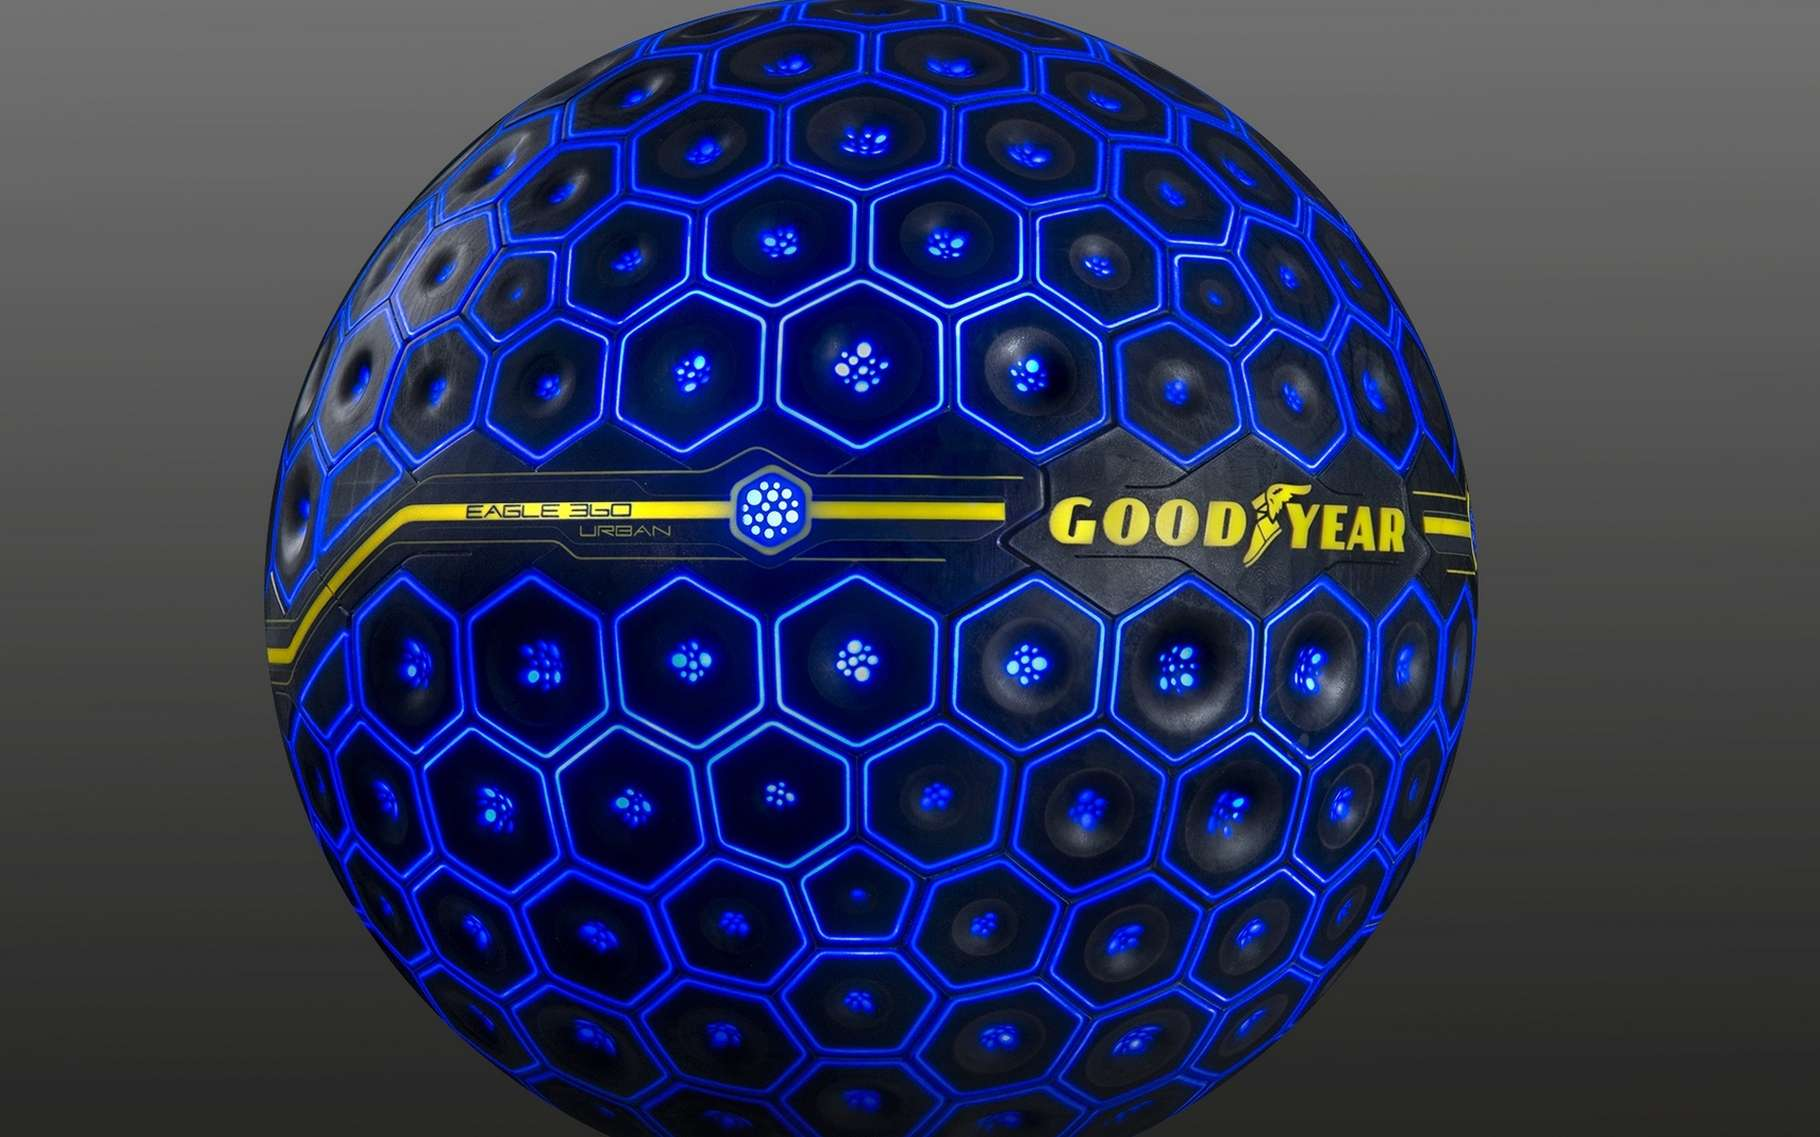 Le pneu sphérique Eagle Urban 360, de Goodyear, a été pensé pour être un élément central du « système nerveux » de la voiture du futur. © Goodyear